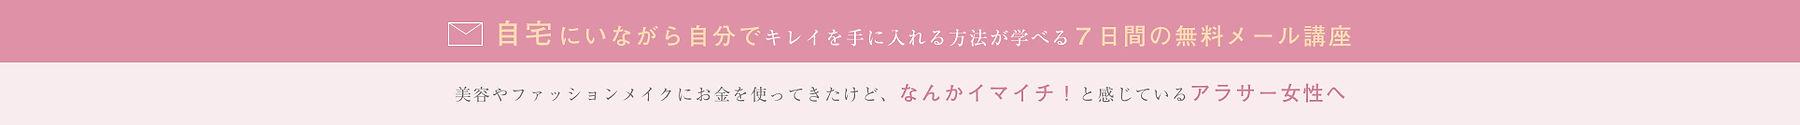 グループ 680@2x.jpg